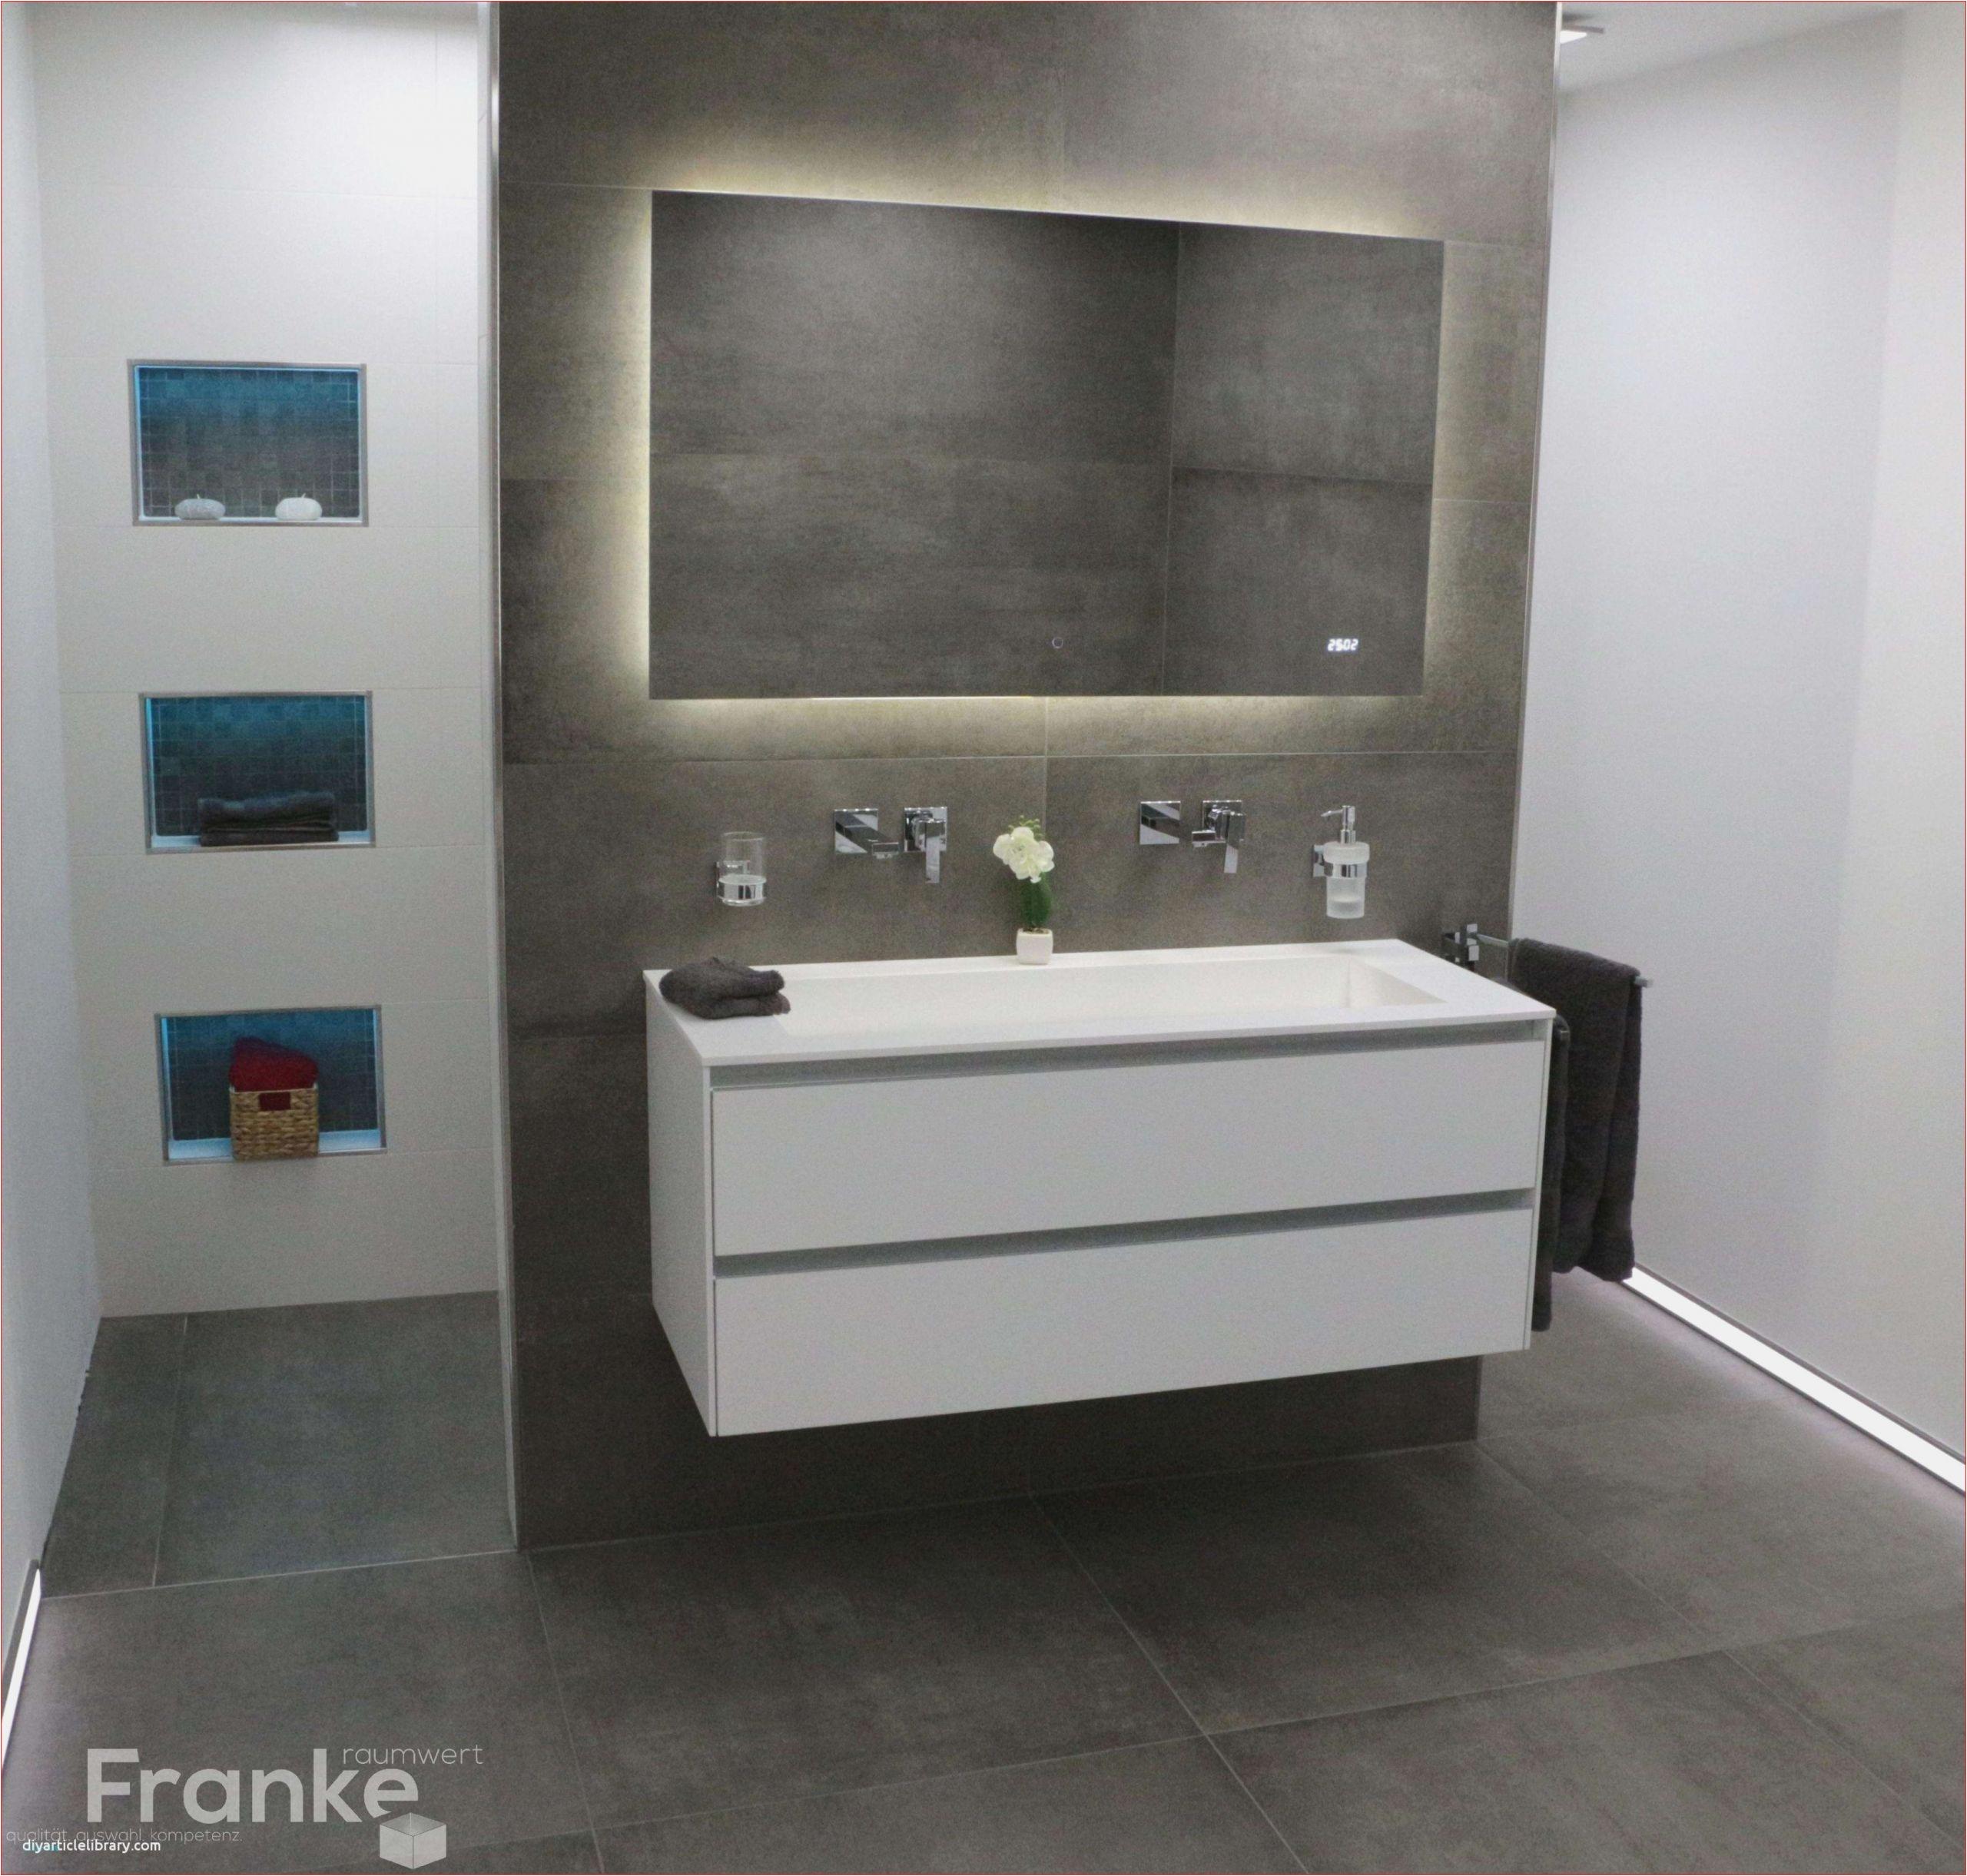 badezimmer renovieren kosten frisch bad renovieren ohne fliesen temobardz home blog of badezimmer renovieren kosten scaled